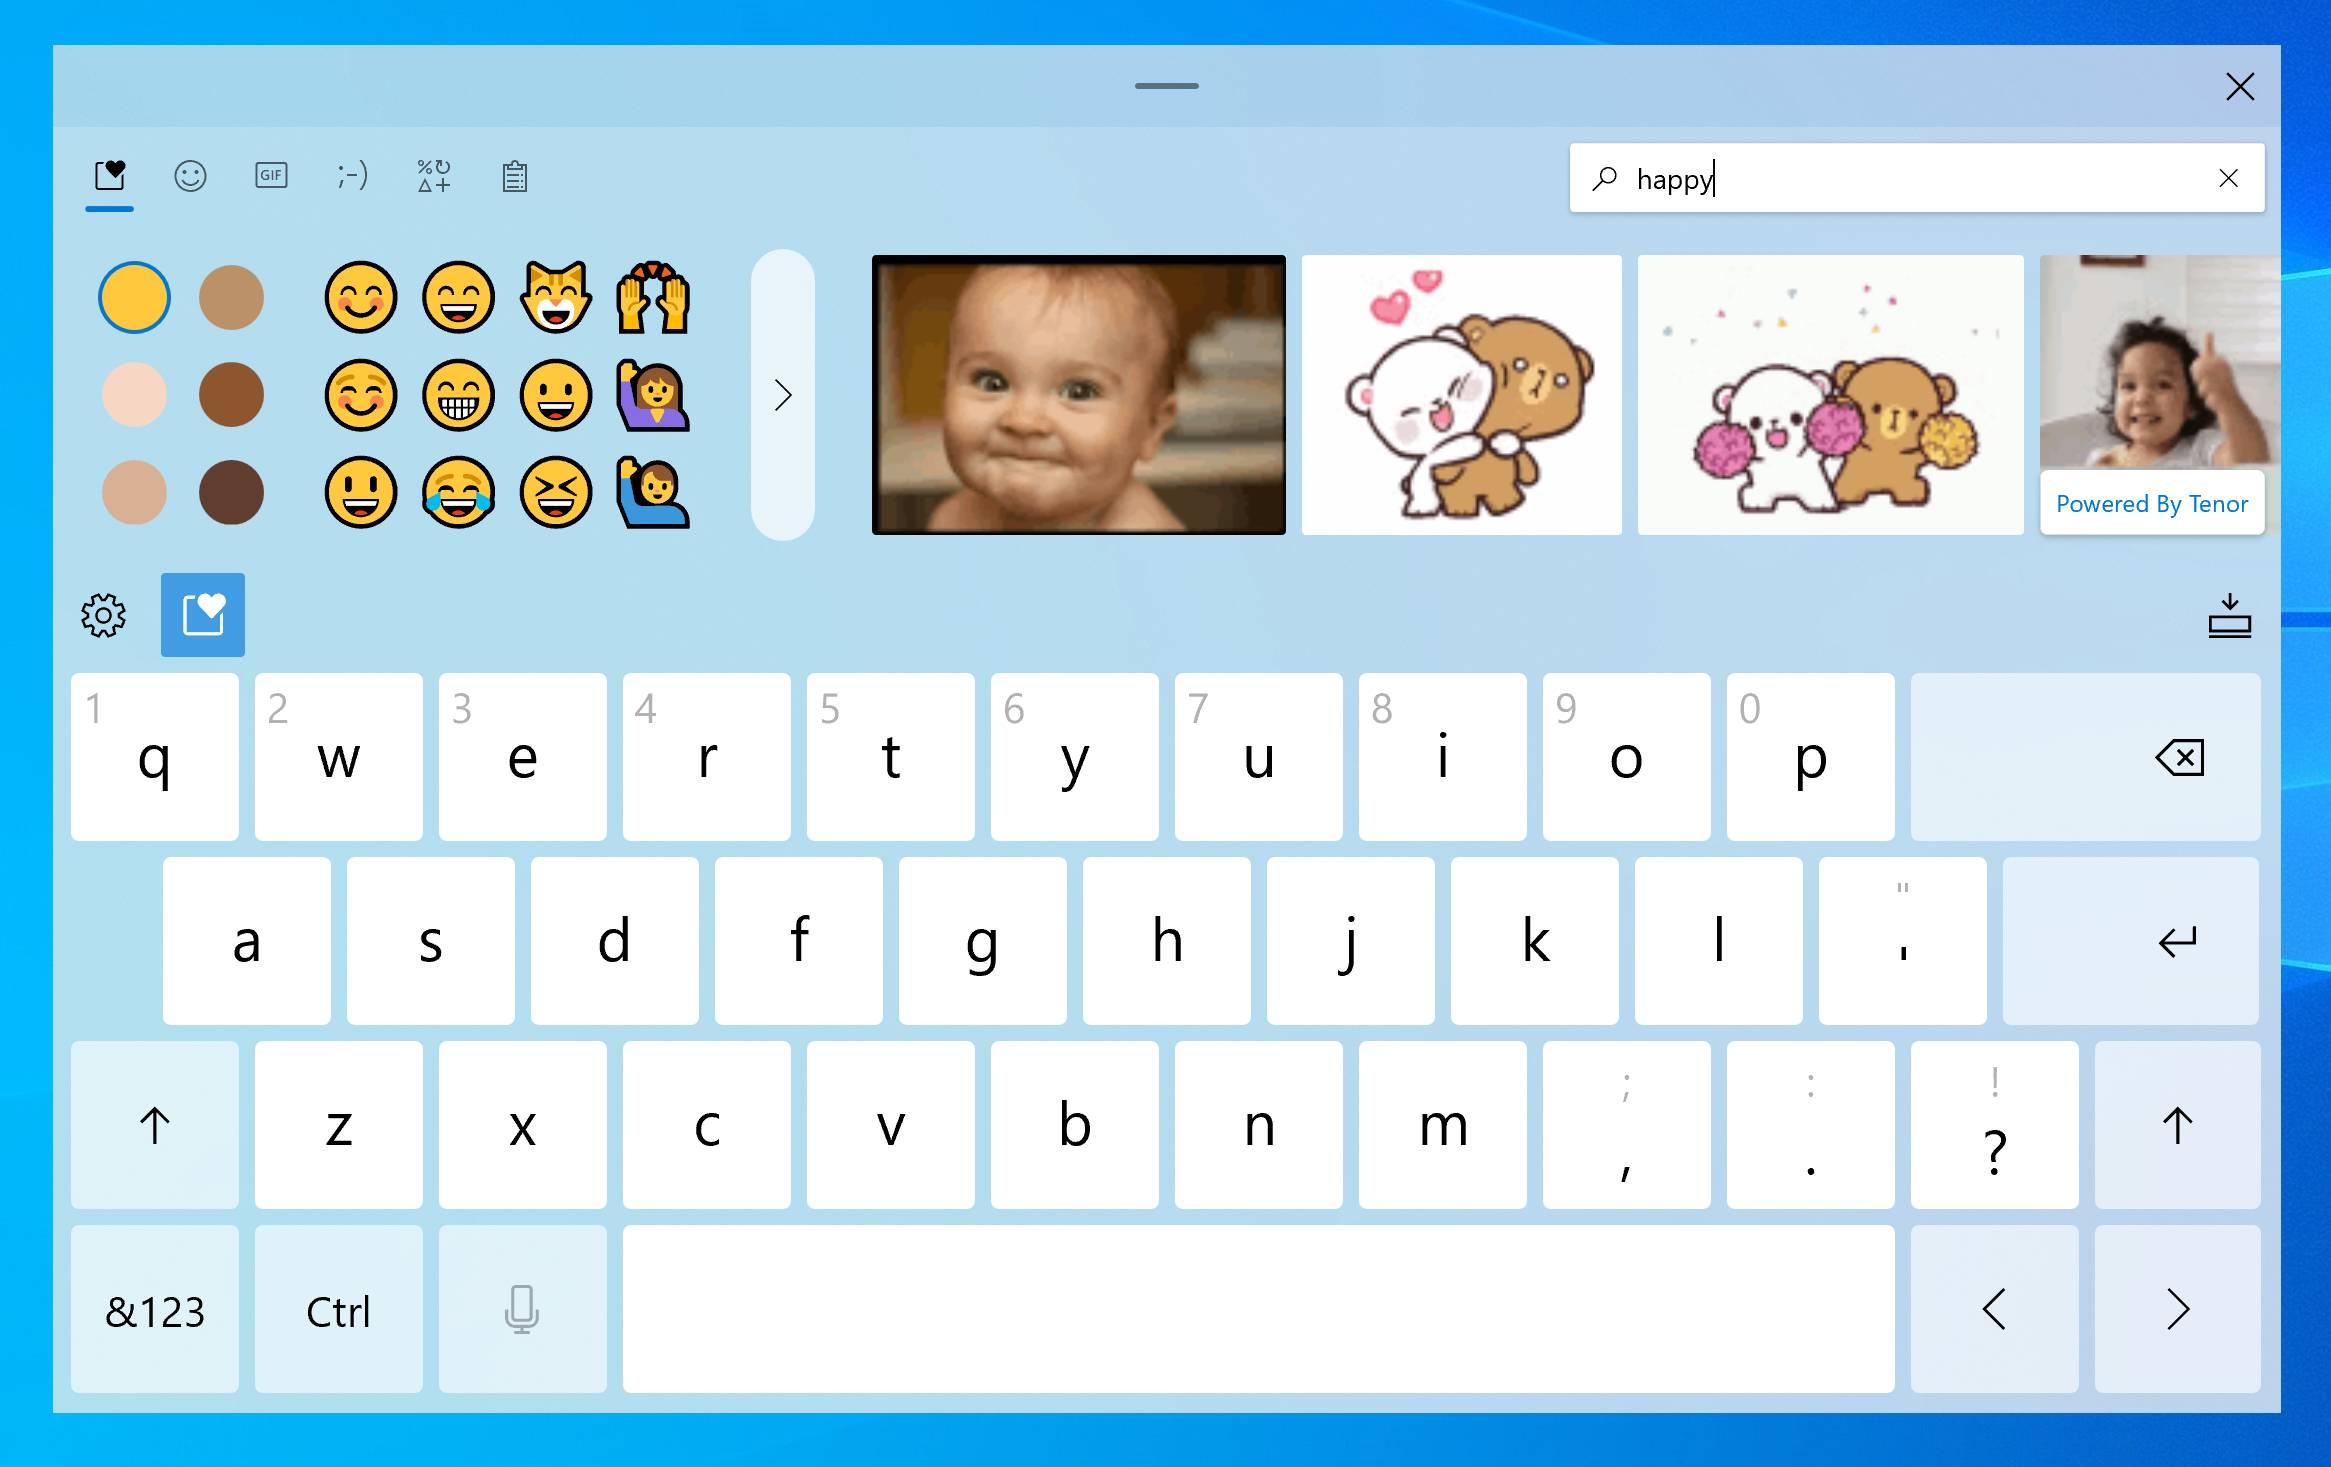 Clavier tactile à venir sur Windows 10 avec Sun Valley